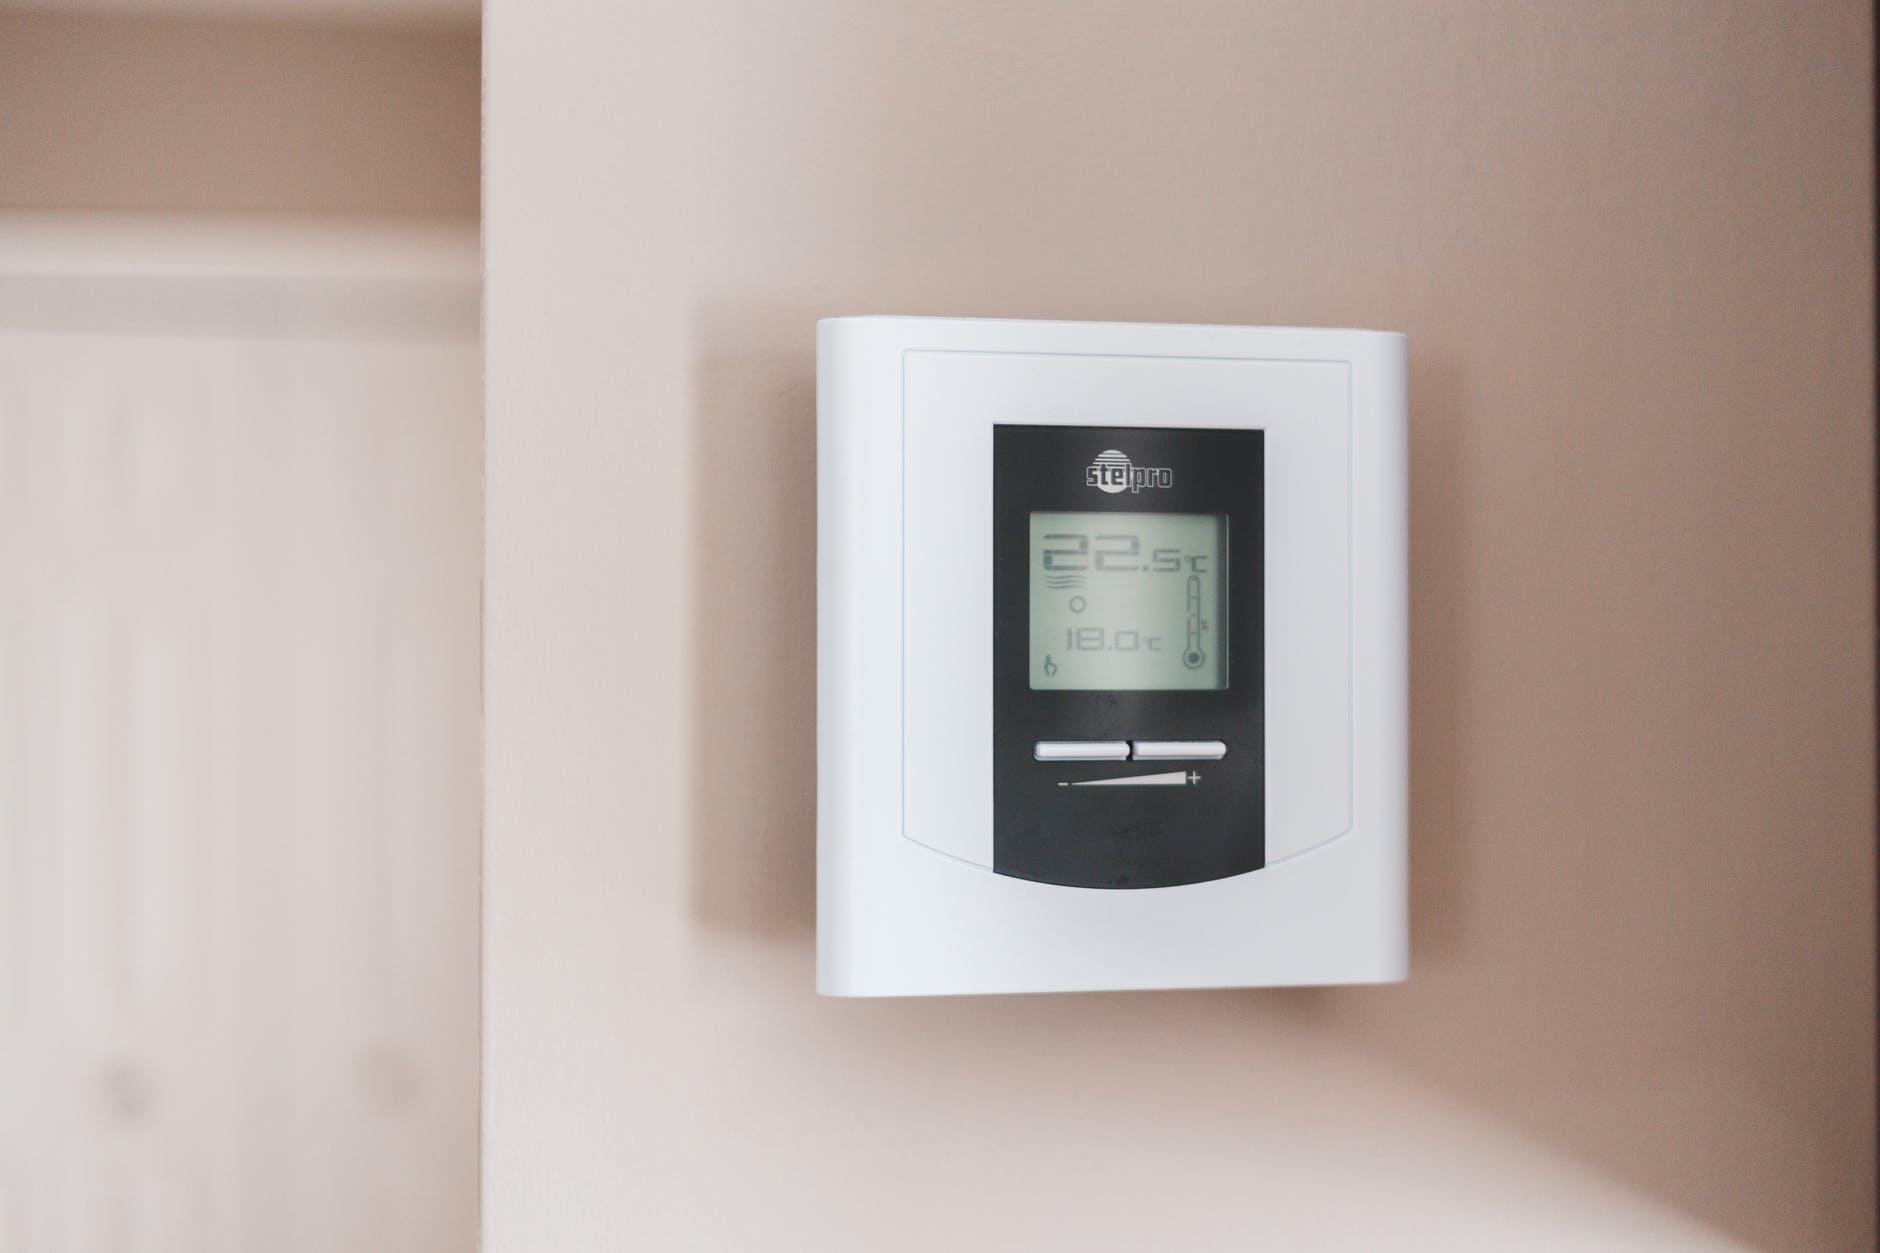 Air conditioner control panel